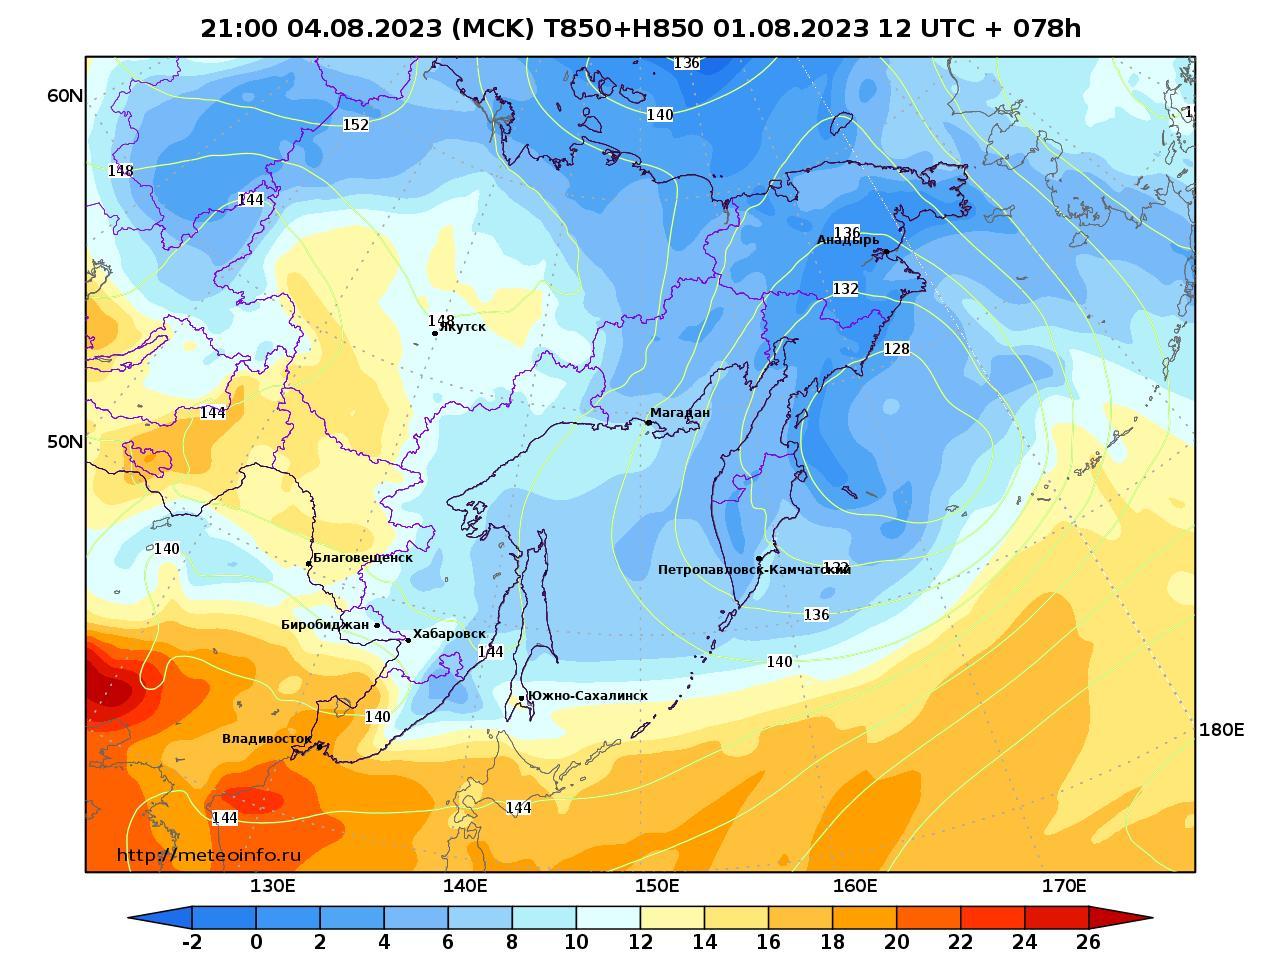 Дальний Восток, прогностическая карта температура T850 и геопотенциал H850, заблаговременность прогноза 78 часов